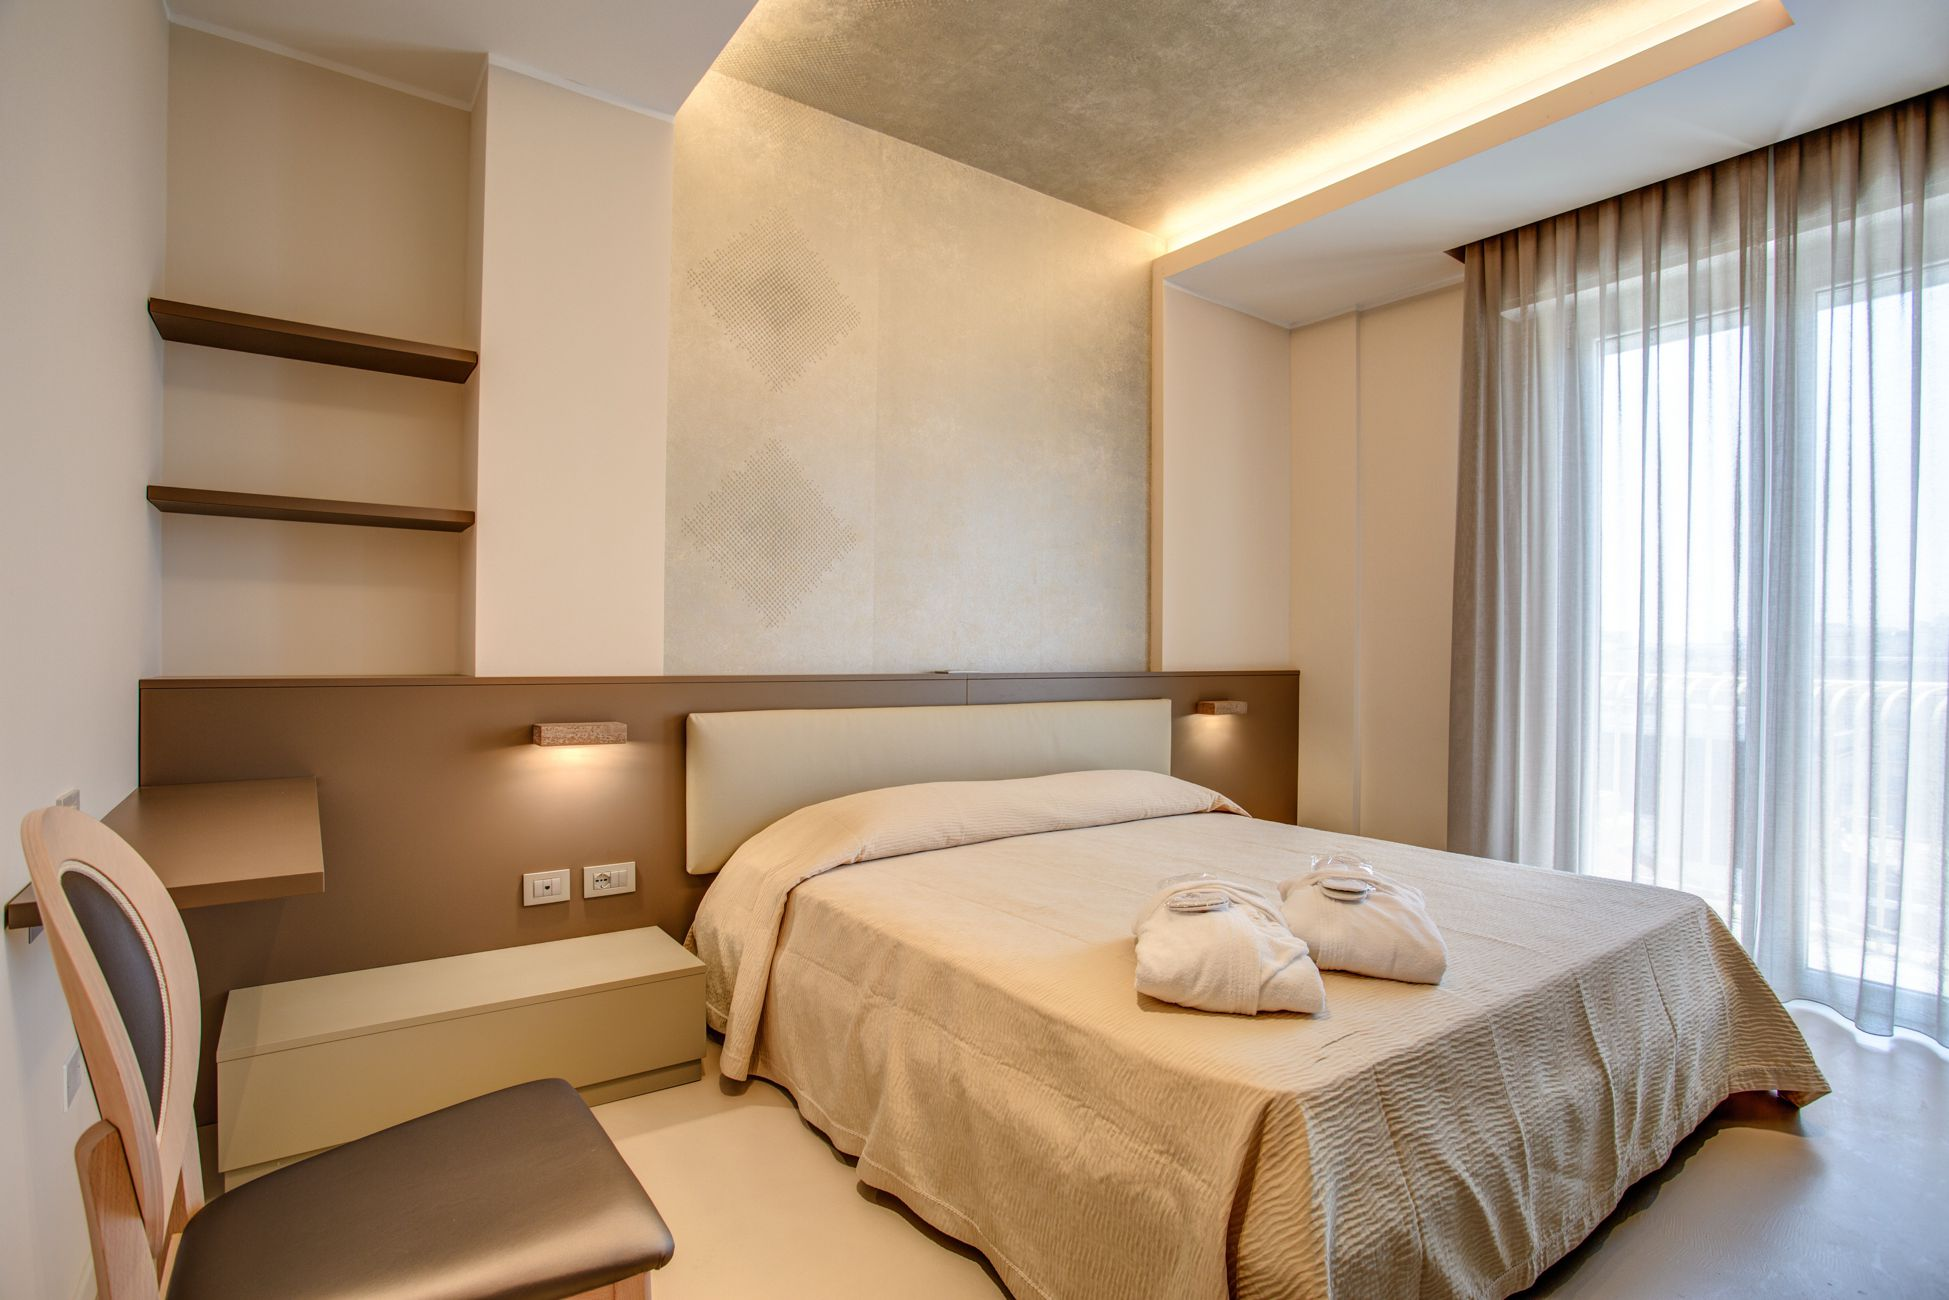 Arredamento hotel e alberghi camar mobili negozio mobili for Arredamento hotel lusso